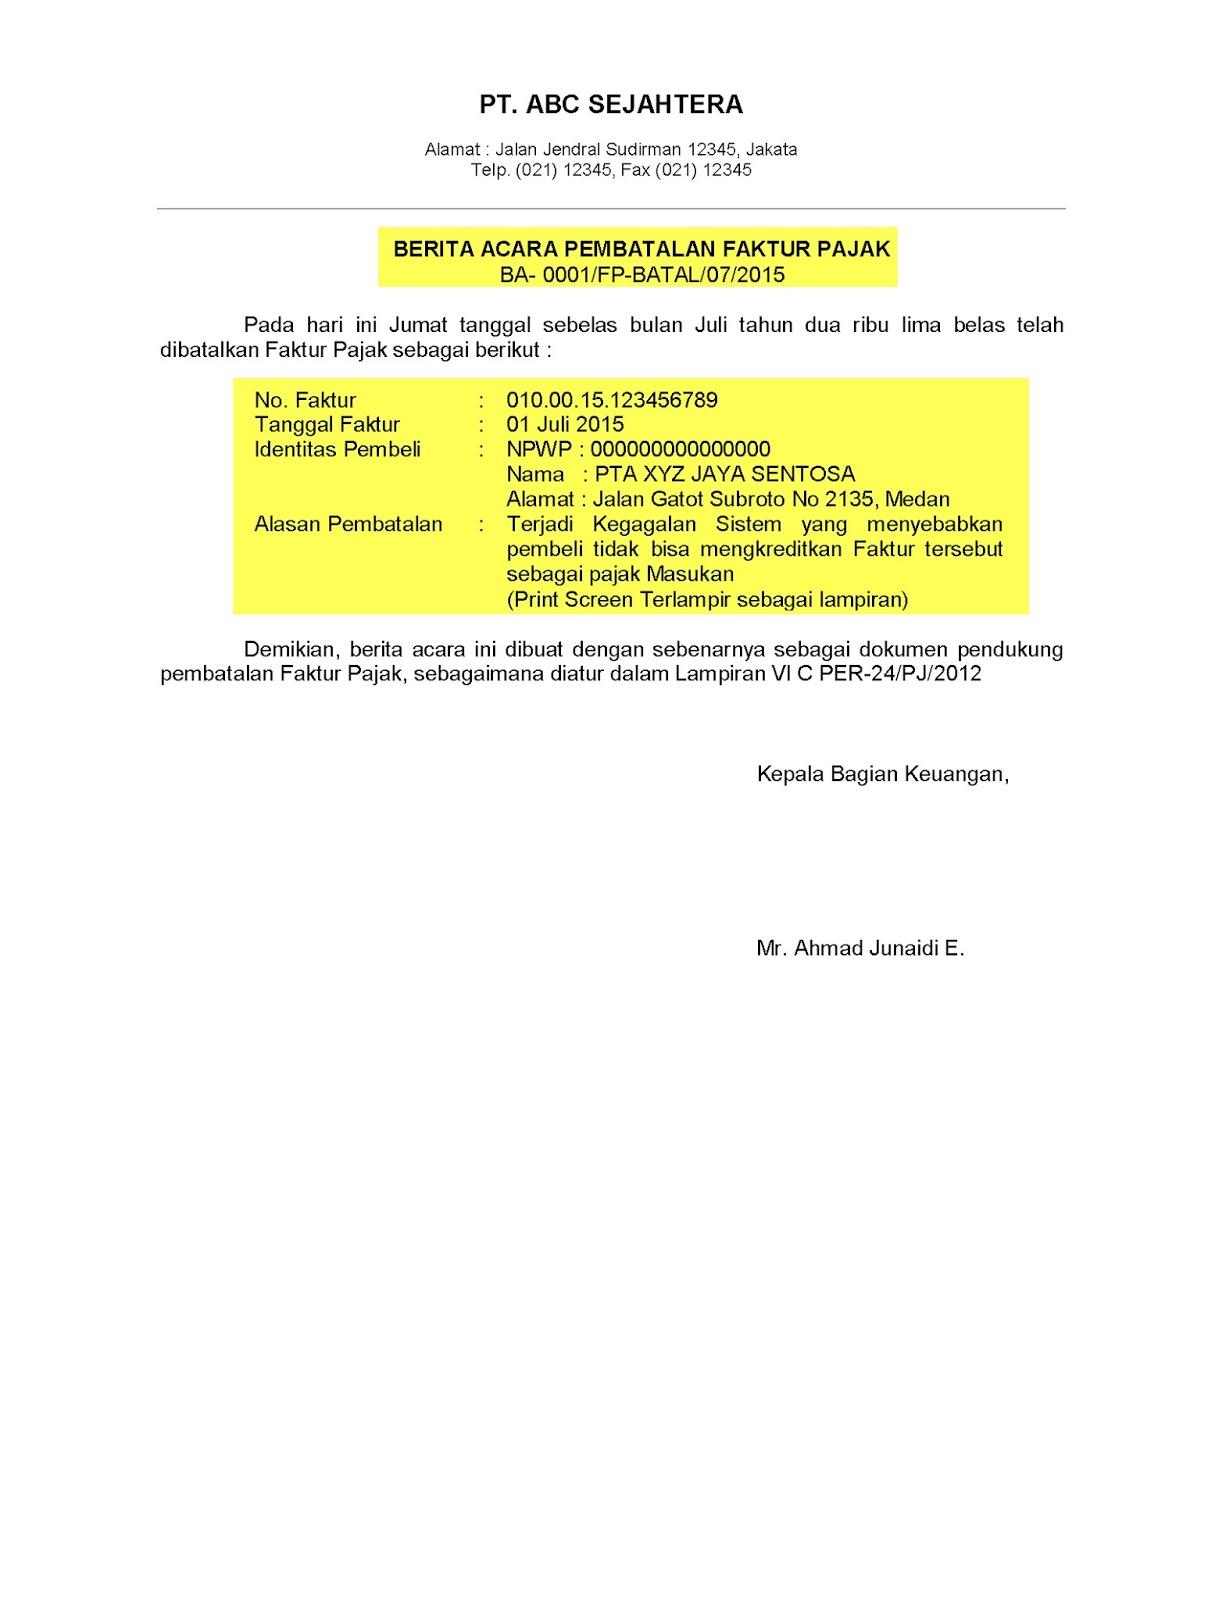 Contoh Surat Faktur Pajak Batal Surat 8